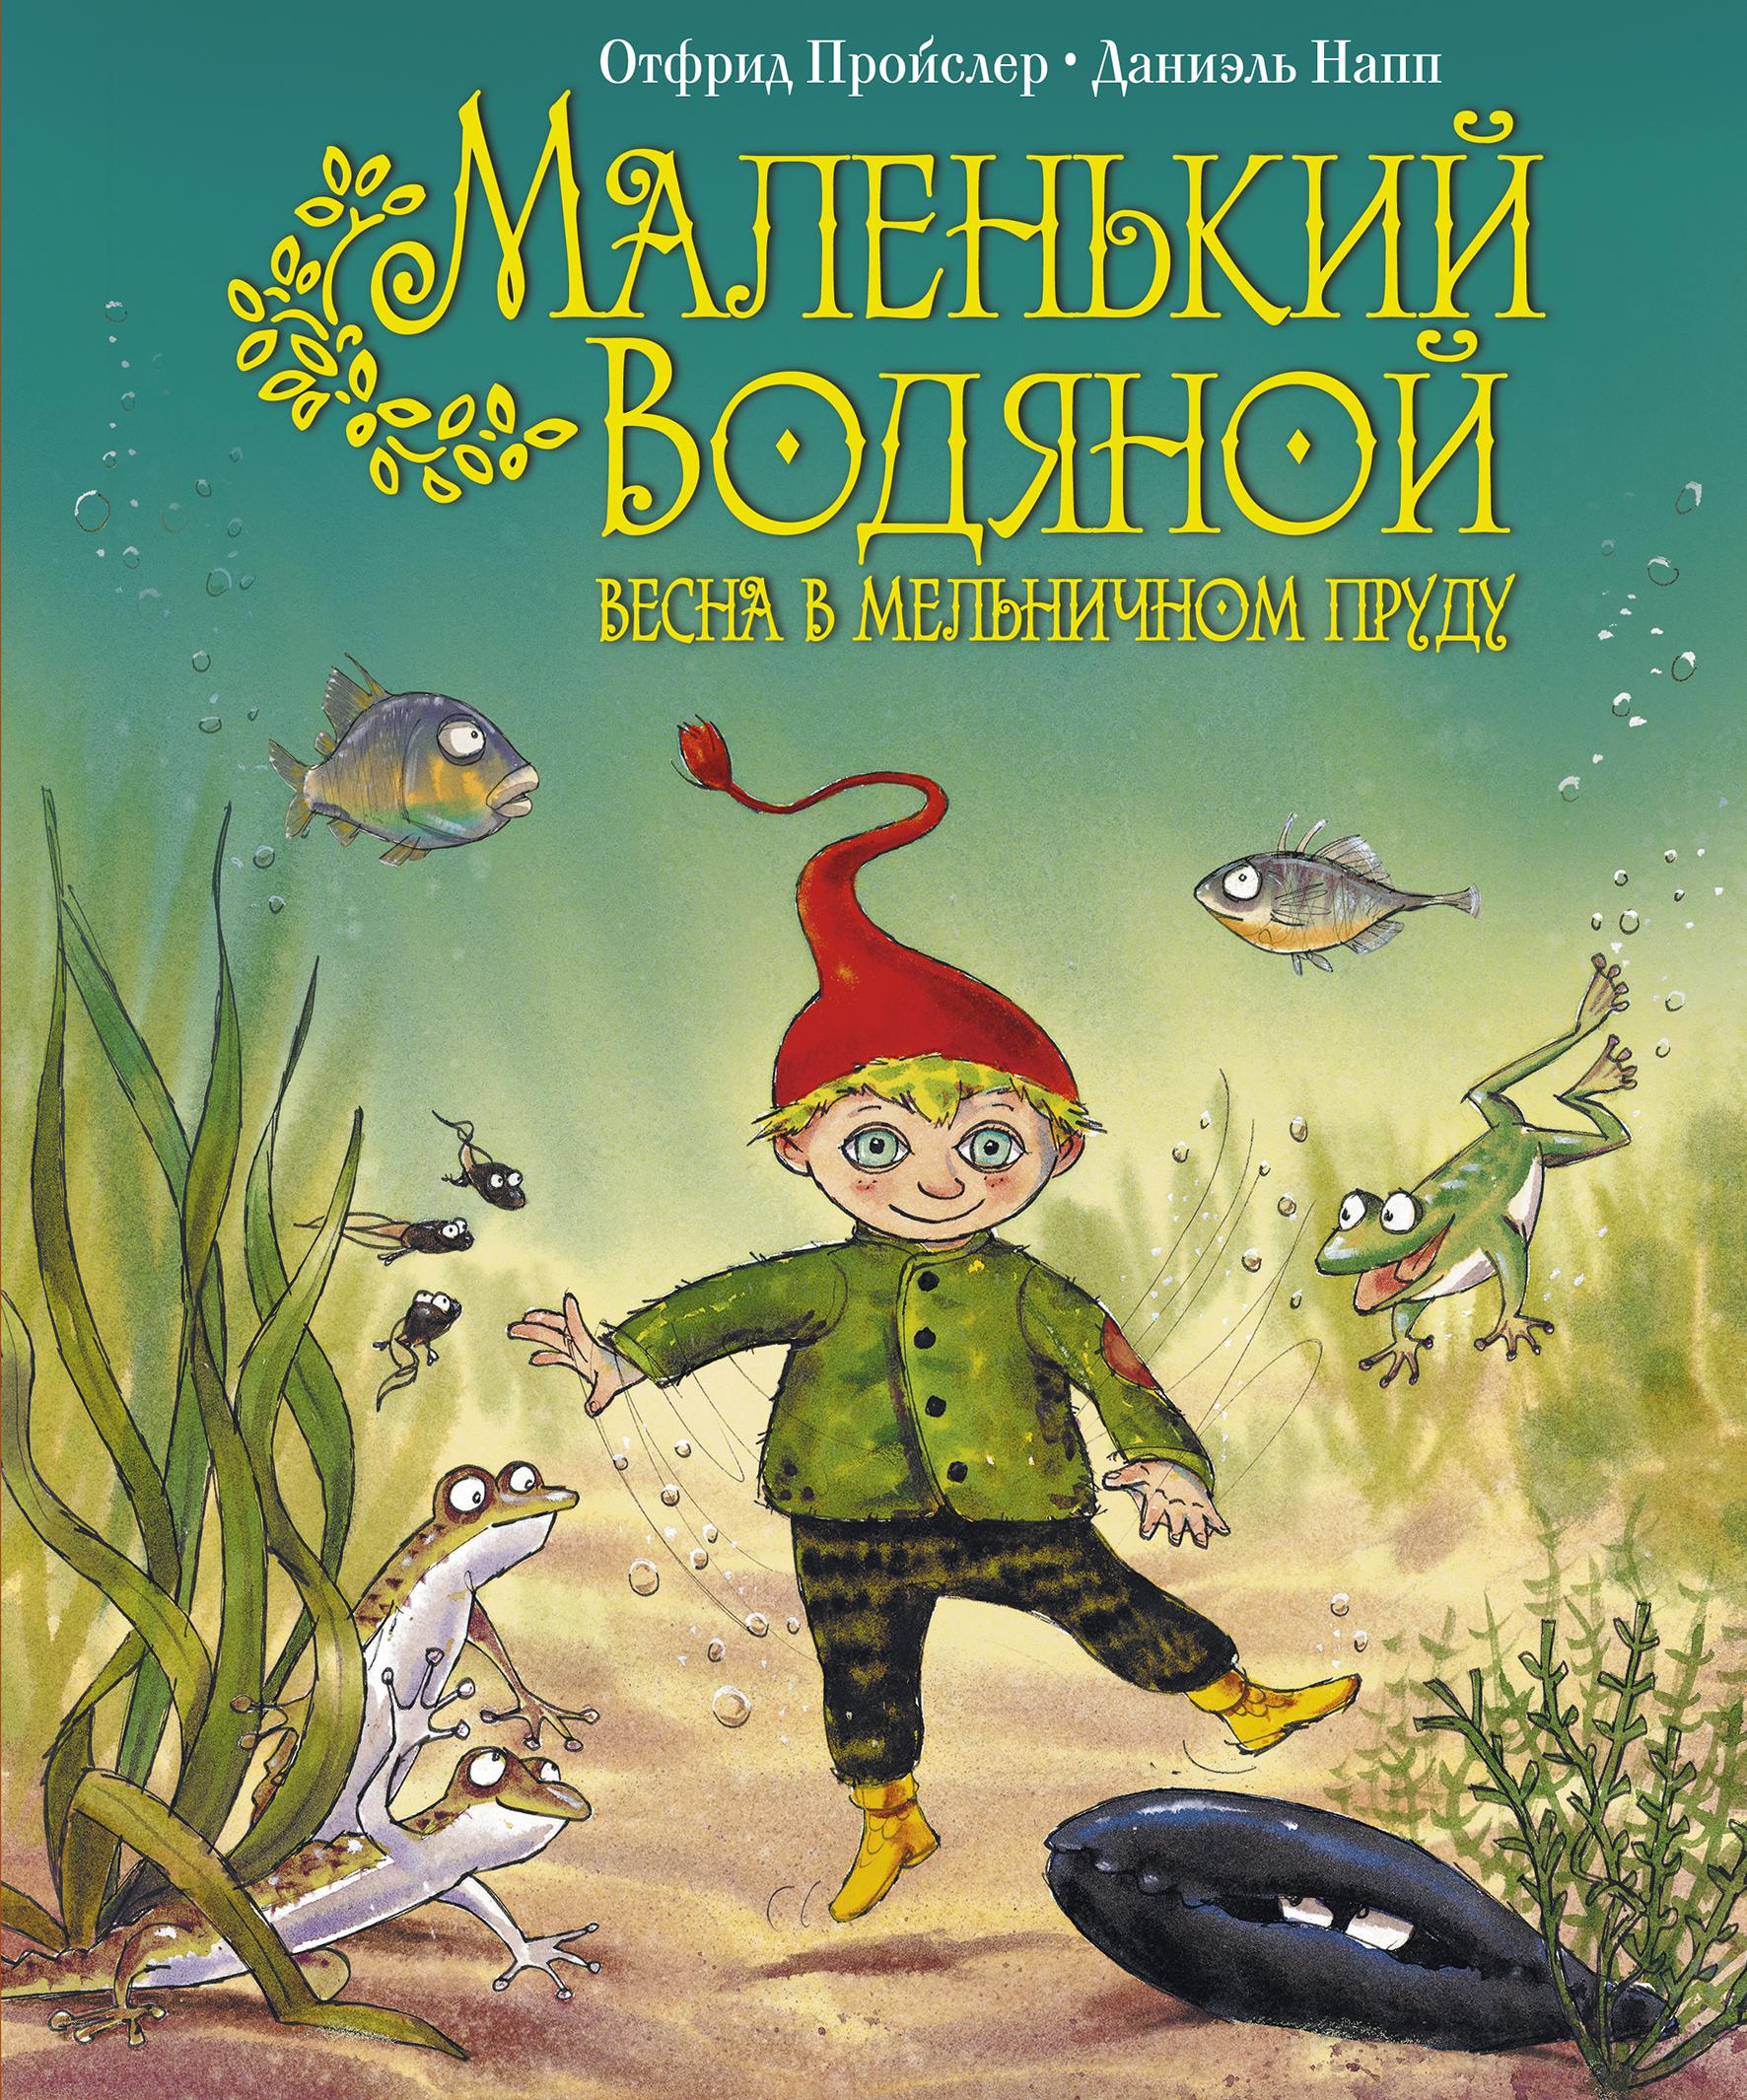 Маленький Водяной. Весна в мельничном пруду (пер. Э. Ивановой, ил. Д. Наппа)